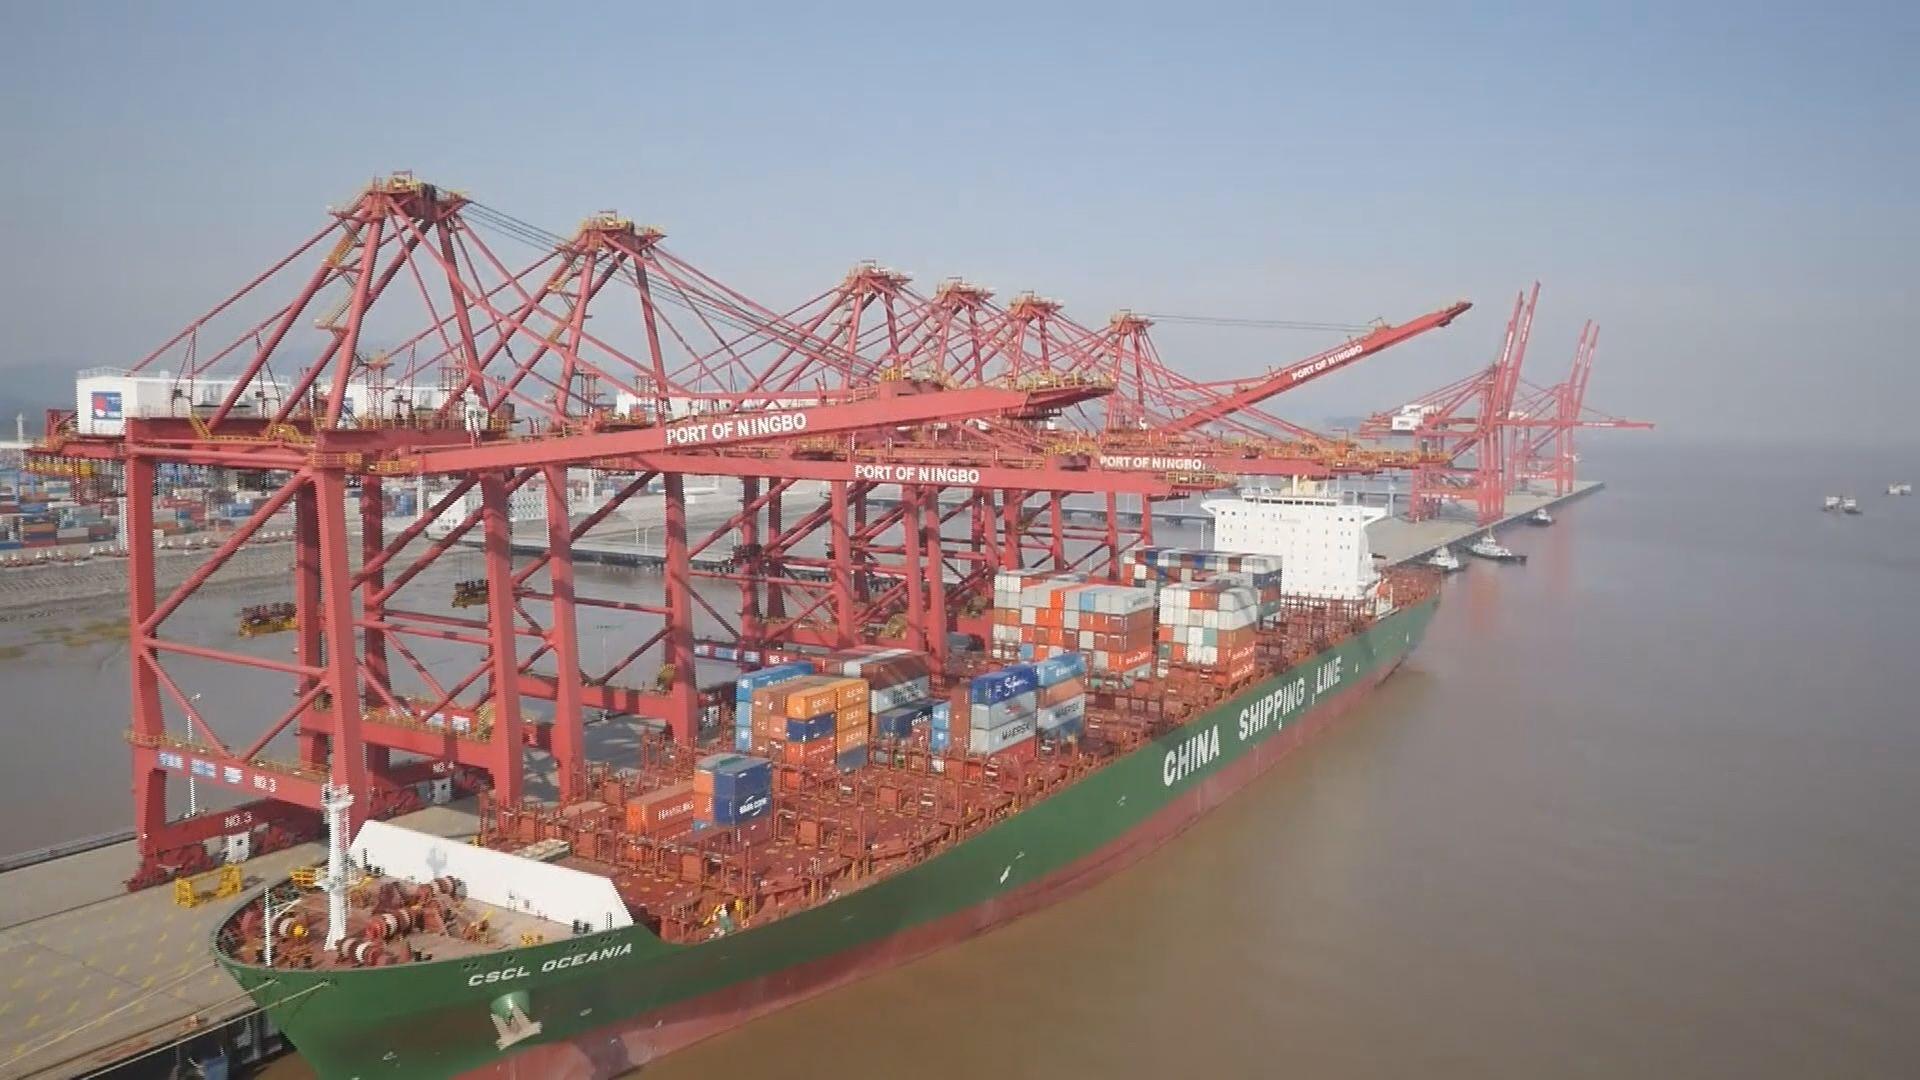 【中美貿戰】高盛料美將向餘下中國貨加徵關稅